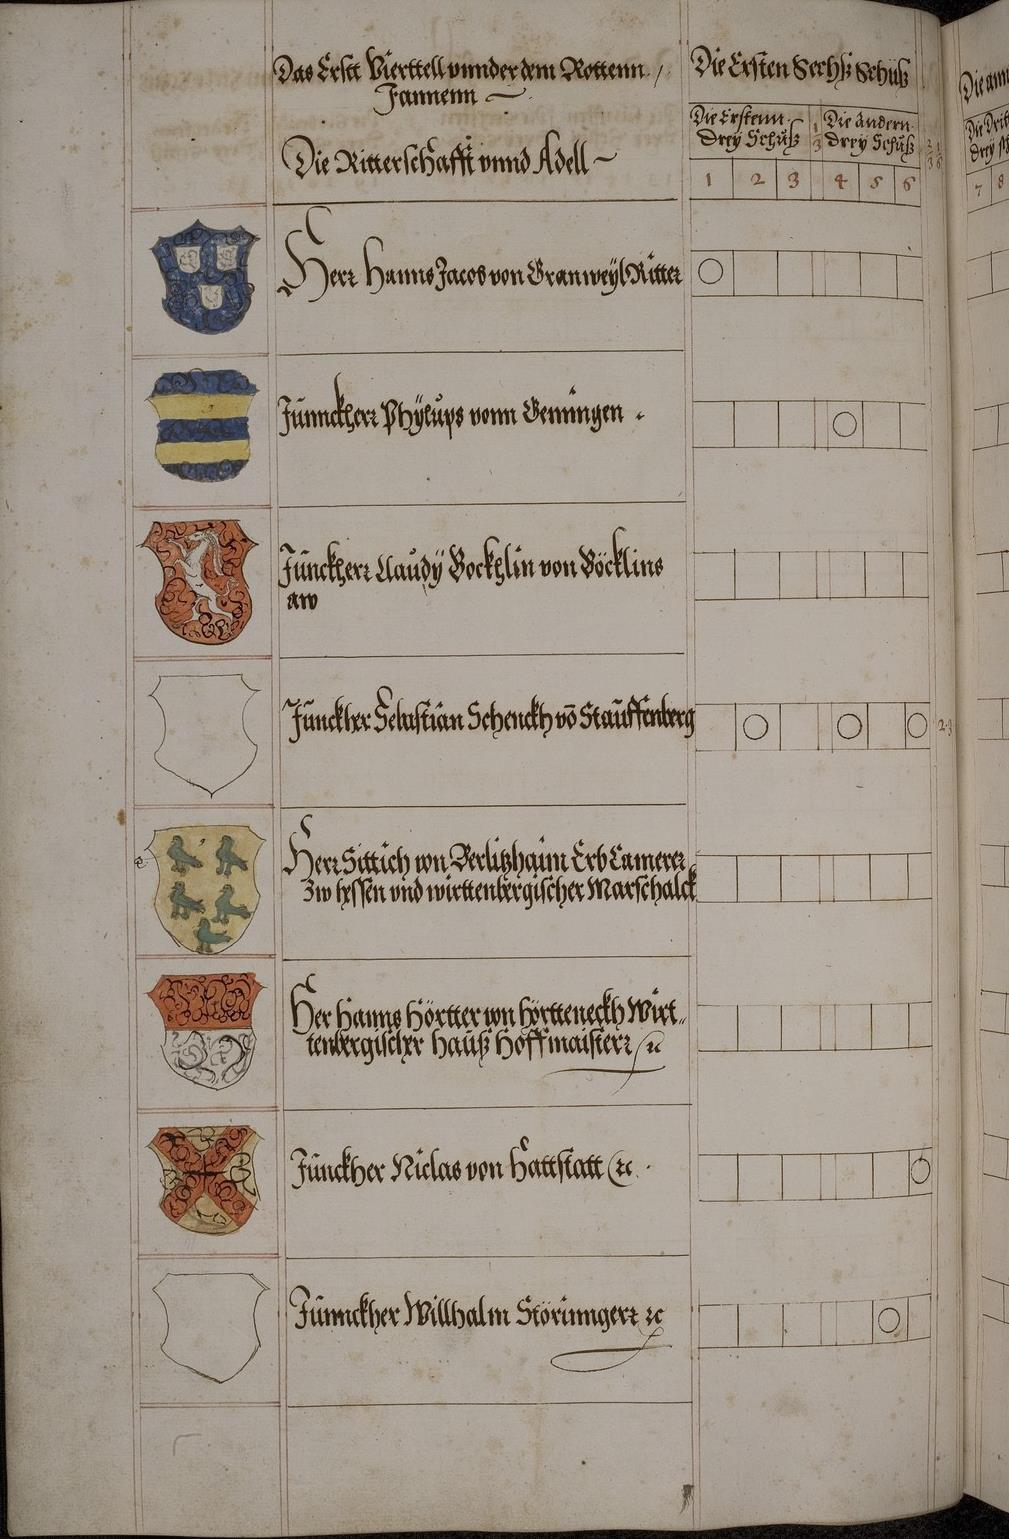 """Beschreibung des Armbrustschießens in Stuttgart 1560 -  Schießergebnisse der Teilnehmer mit deren Wappen   Erthel, Ulrich (Schreiber) Augsburg um 1561  Cod. Pal. germ. 77, fol. 019v  Quelle: Universitätsbibliothek Heidelberg  Lizenz: <a title=""""Creative Commons-Lizenz cc-BY-NC-SA"""" href=""""http://creativecommons.org/licenses/by-nc-sa/3.0/de/"""" target=""""_blank"""">Creative Commons-Lizenz cc-BY-NC-SA</a></von>"""